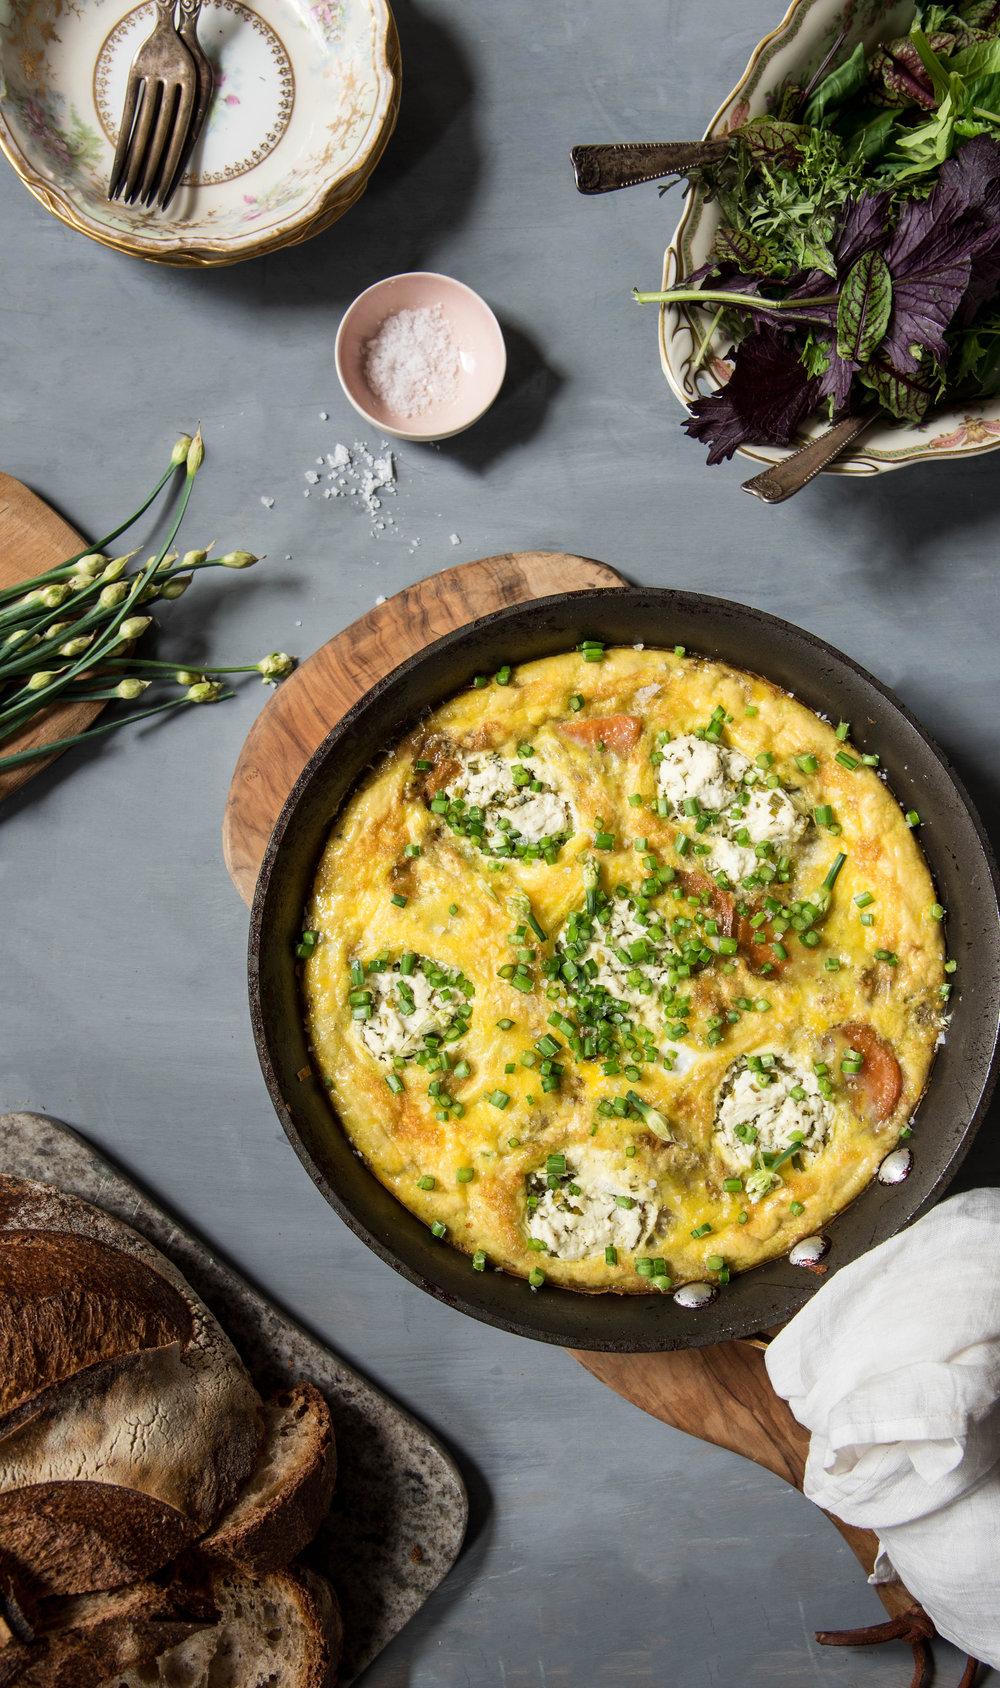 Sweet Potato & Goat Cheese Frittata - An Easter Brunch Idea